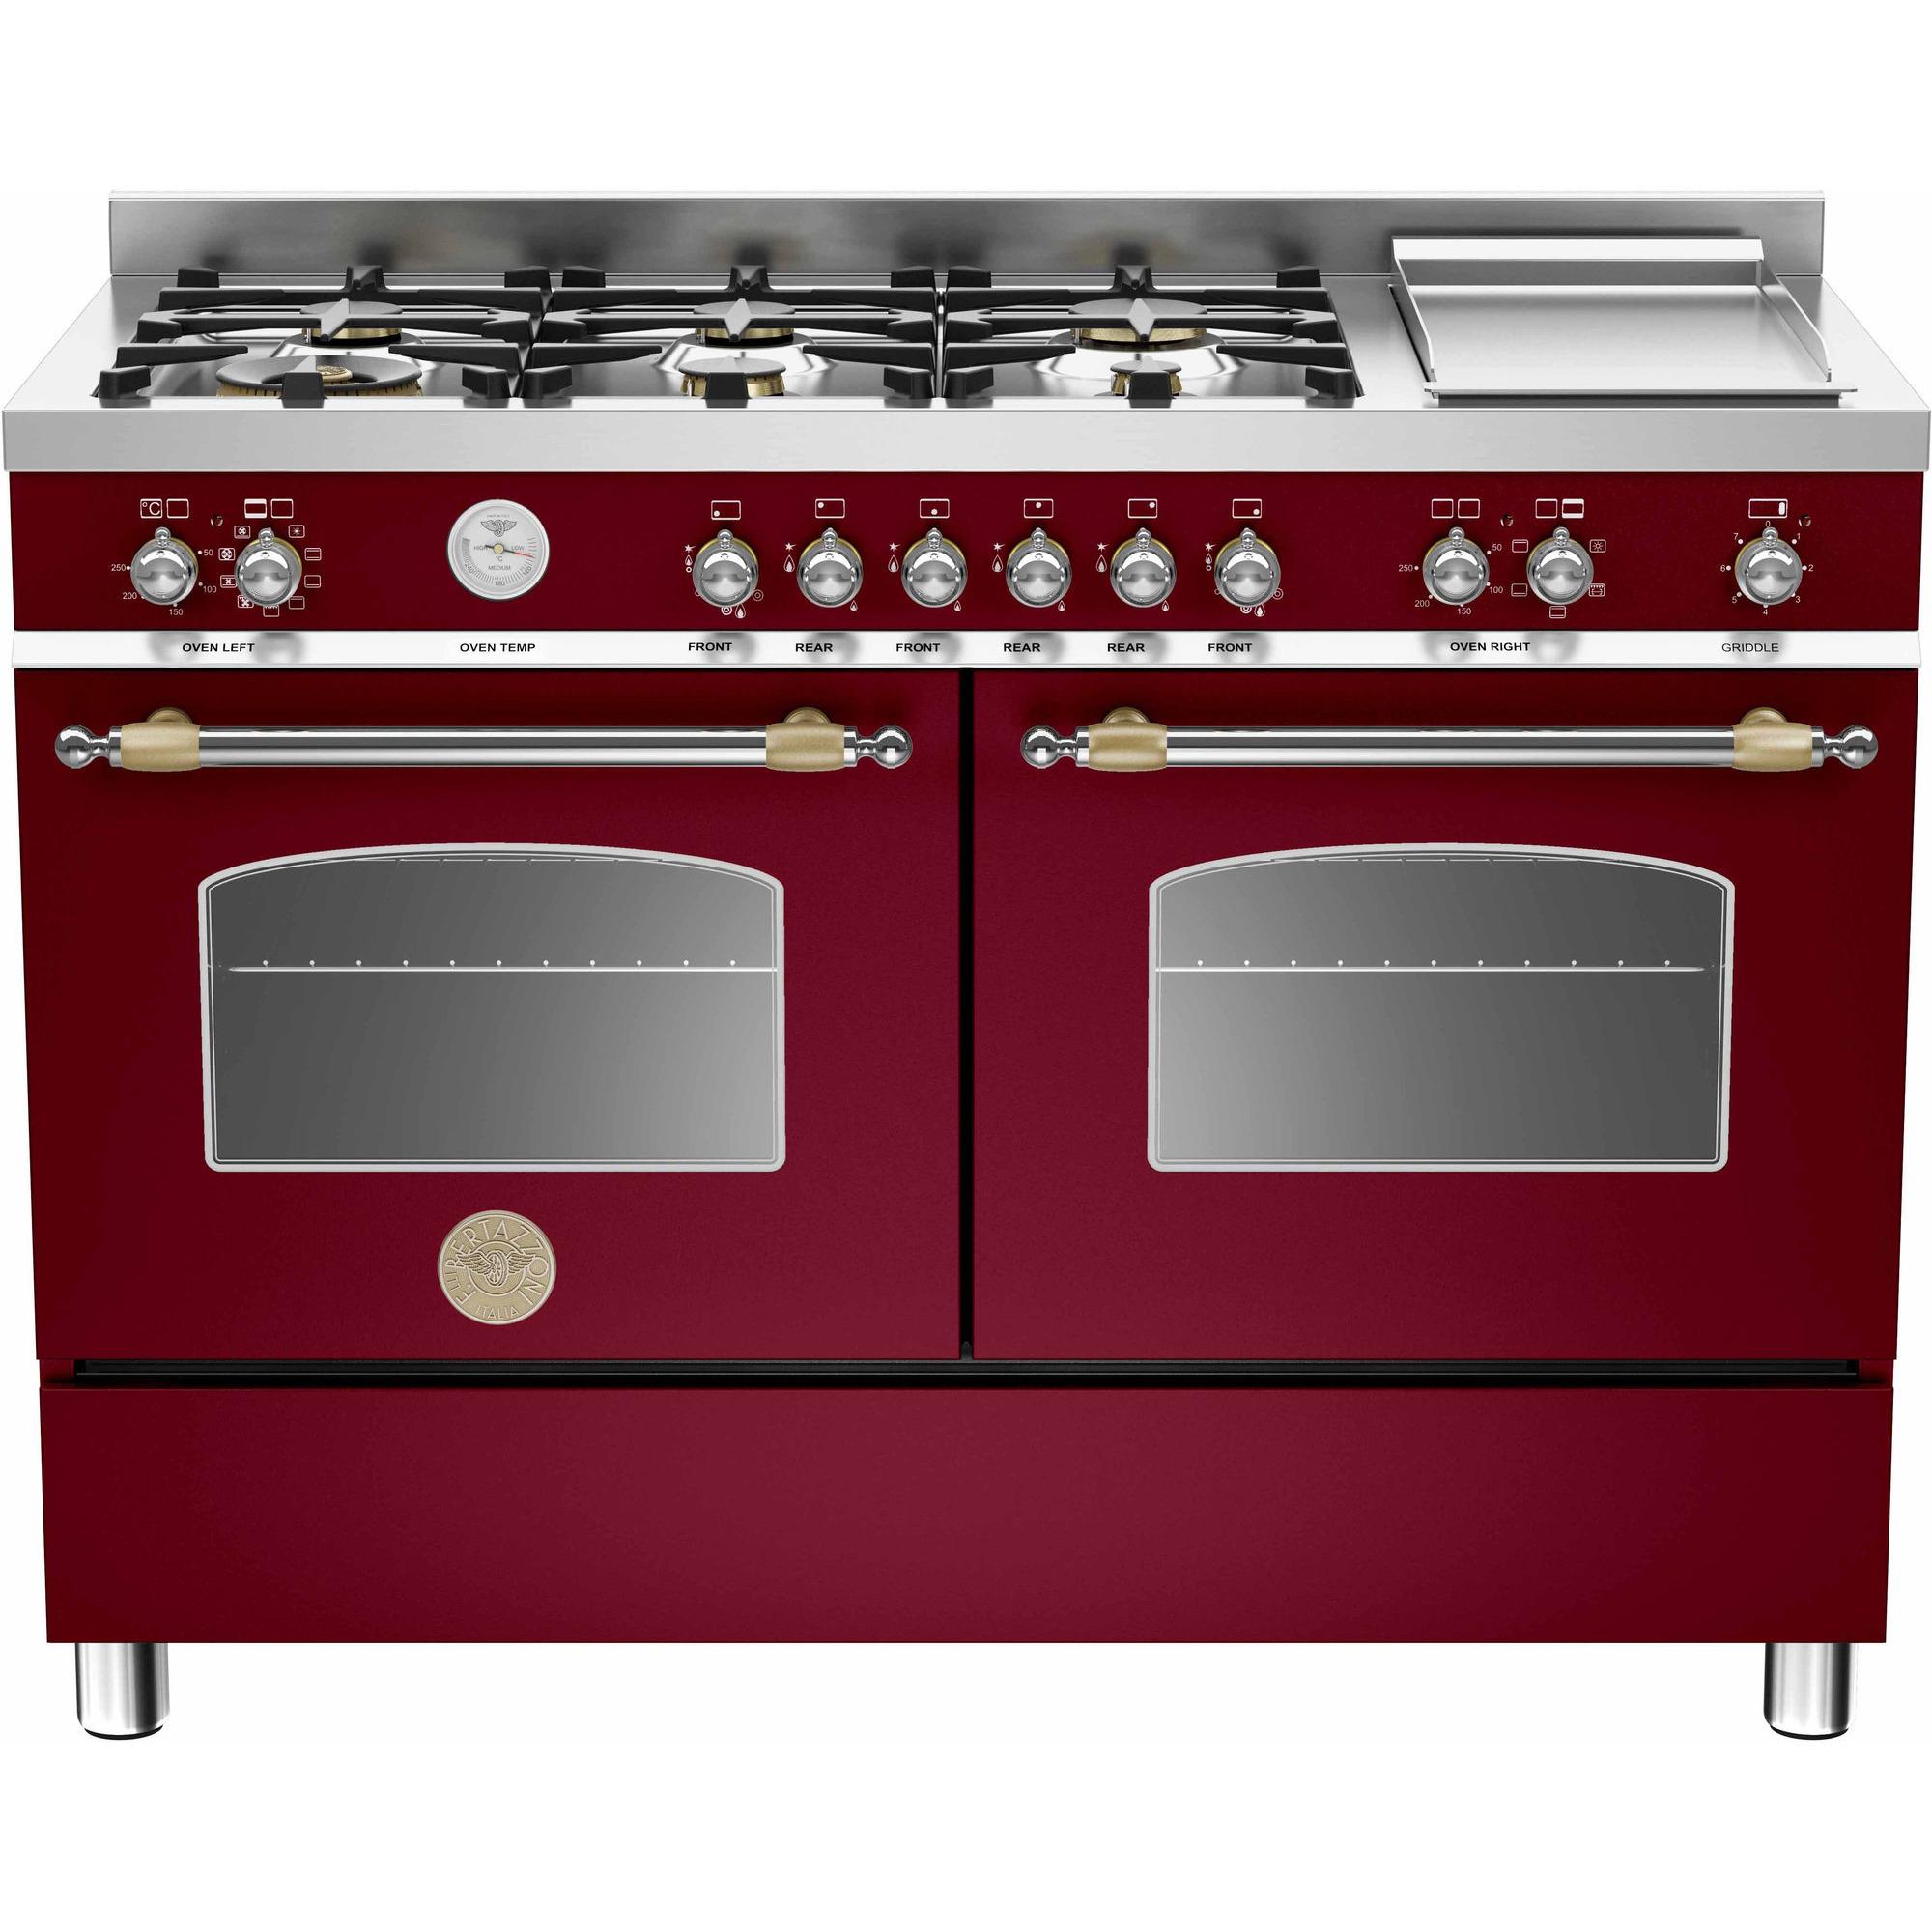 Bertazzoni HER1206 Gasspis 120 cm 2 ugnar 6 brännare + elektrisk tepanyaki Vinröd